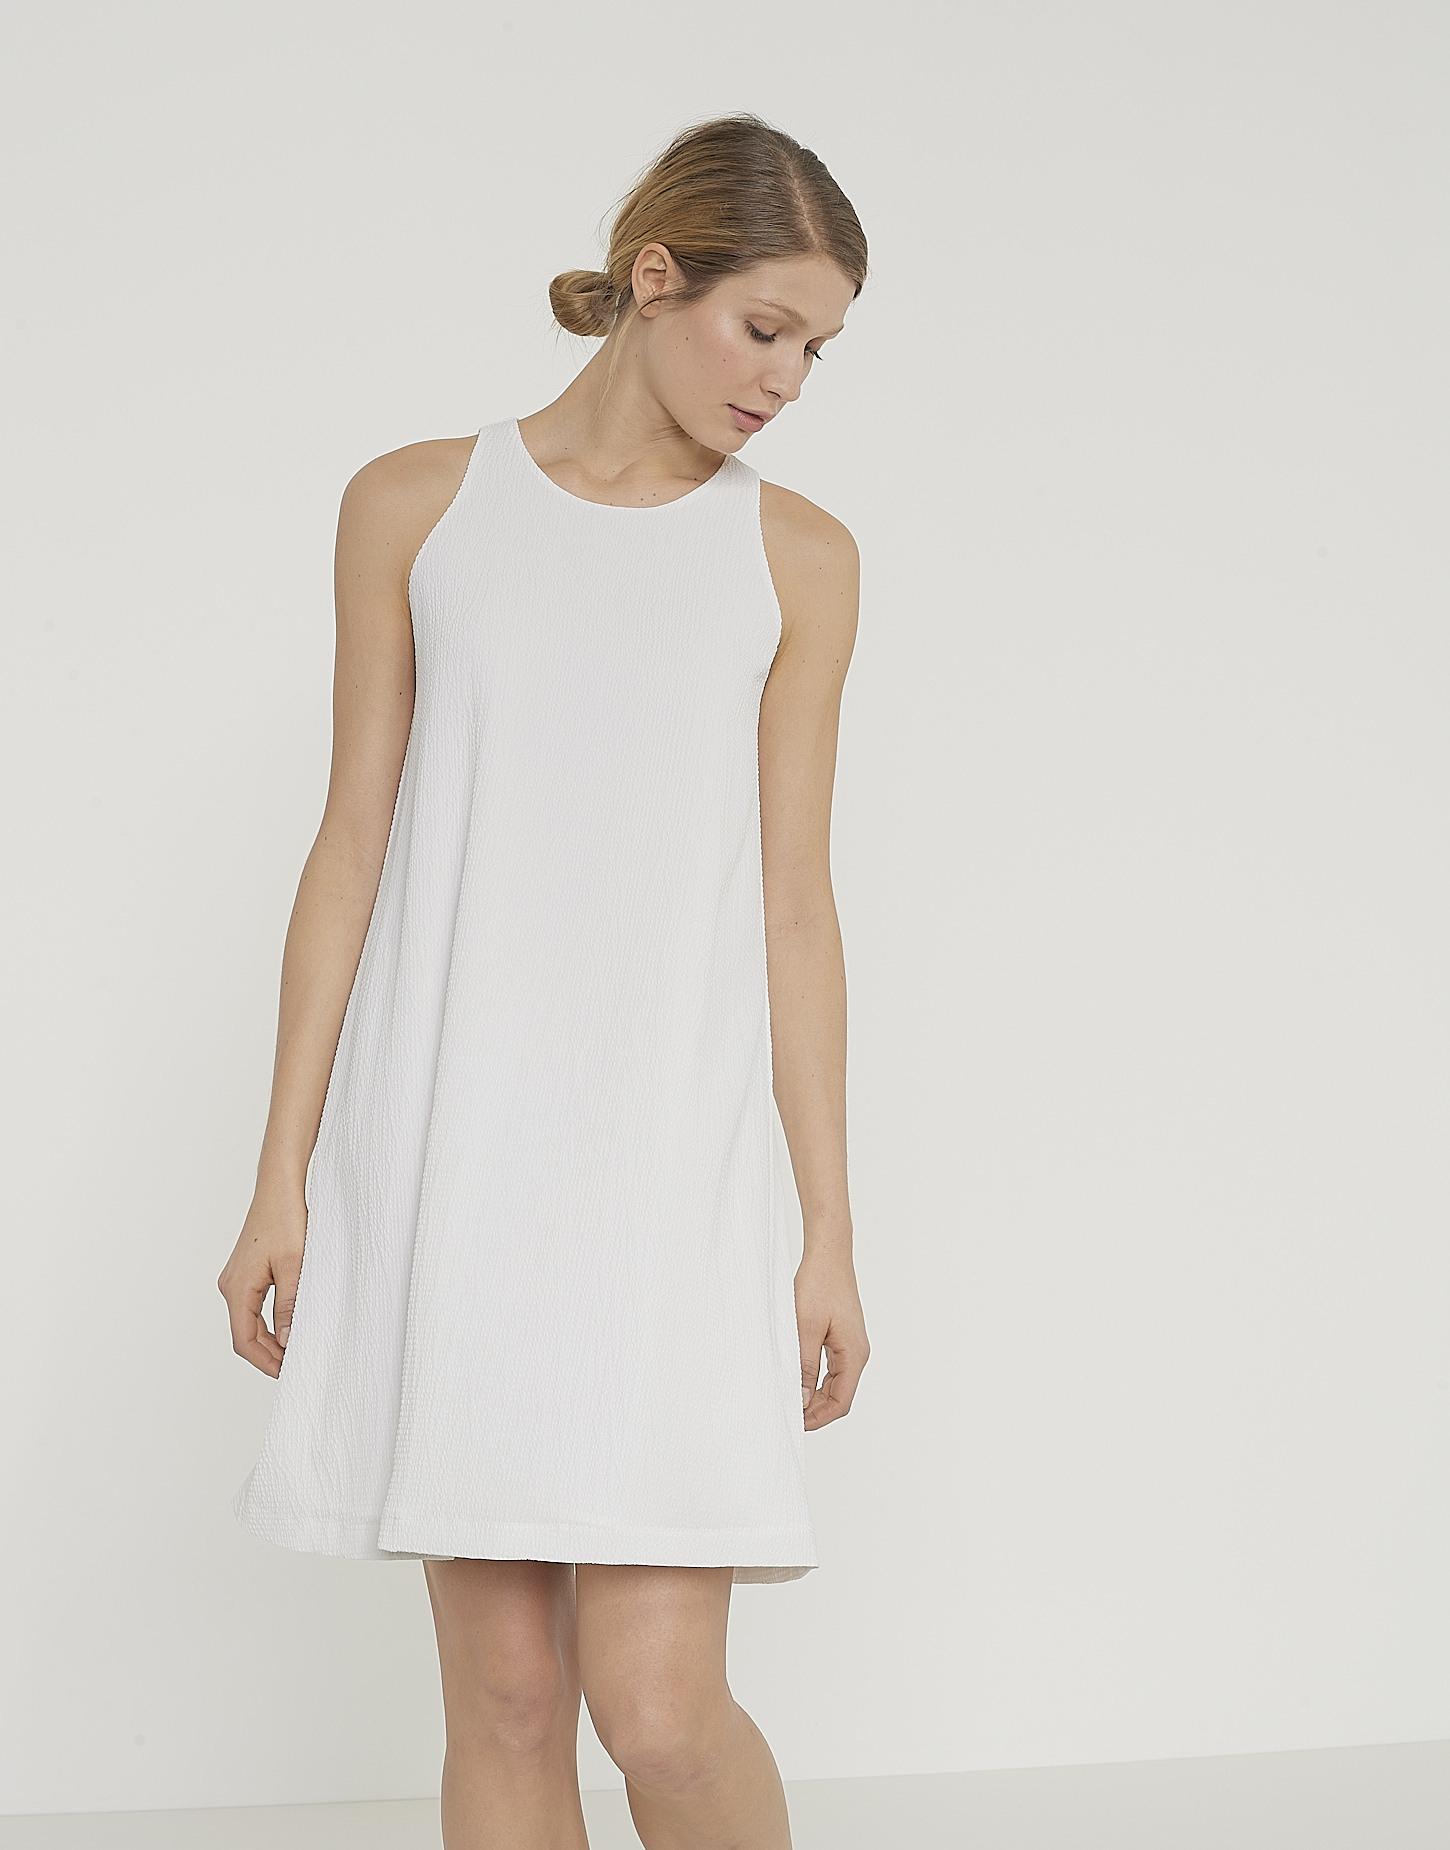 Sommerkleid Weria St Weiß Online Bestellen  Opus Online Shop